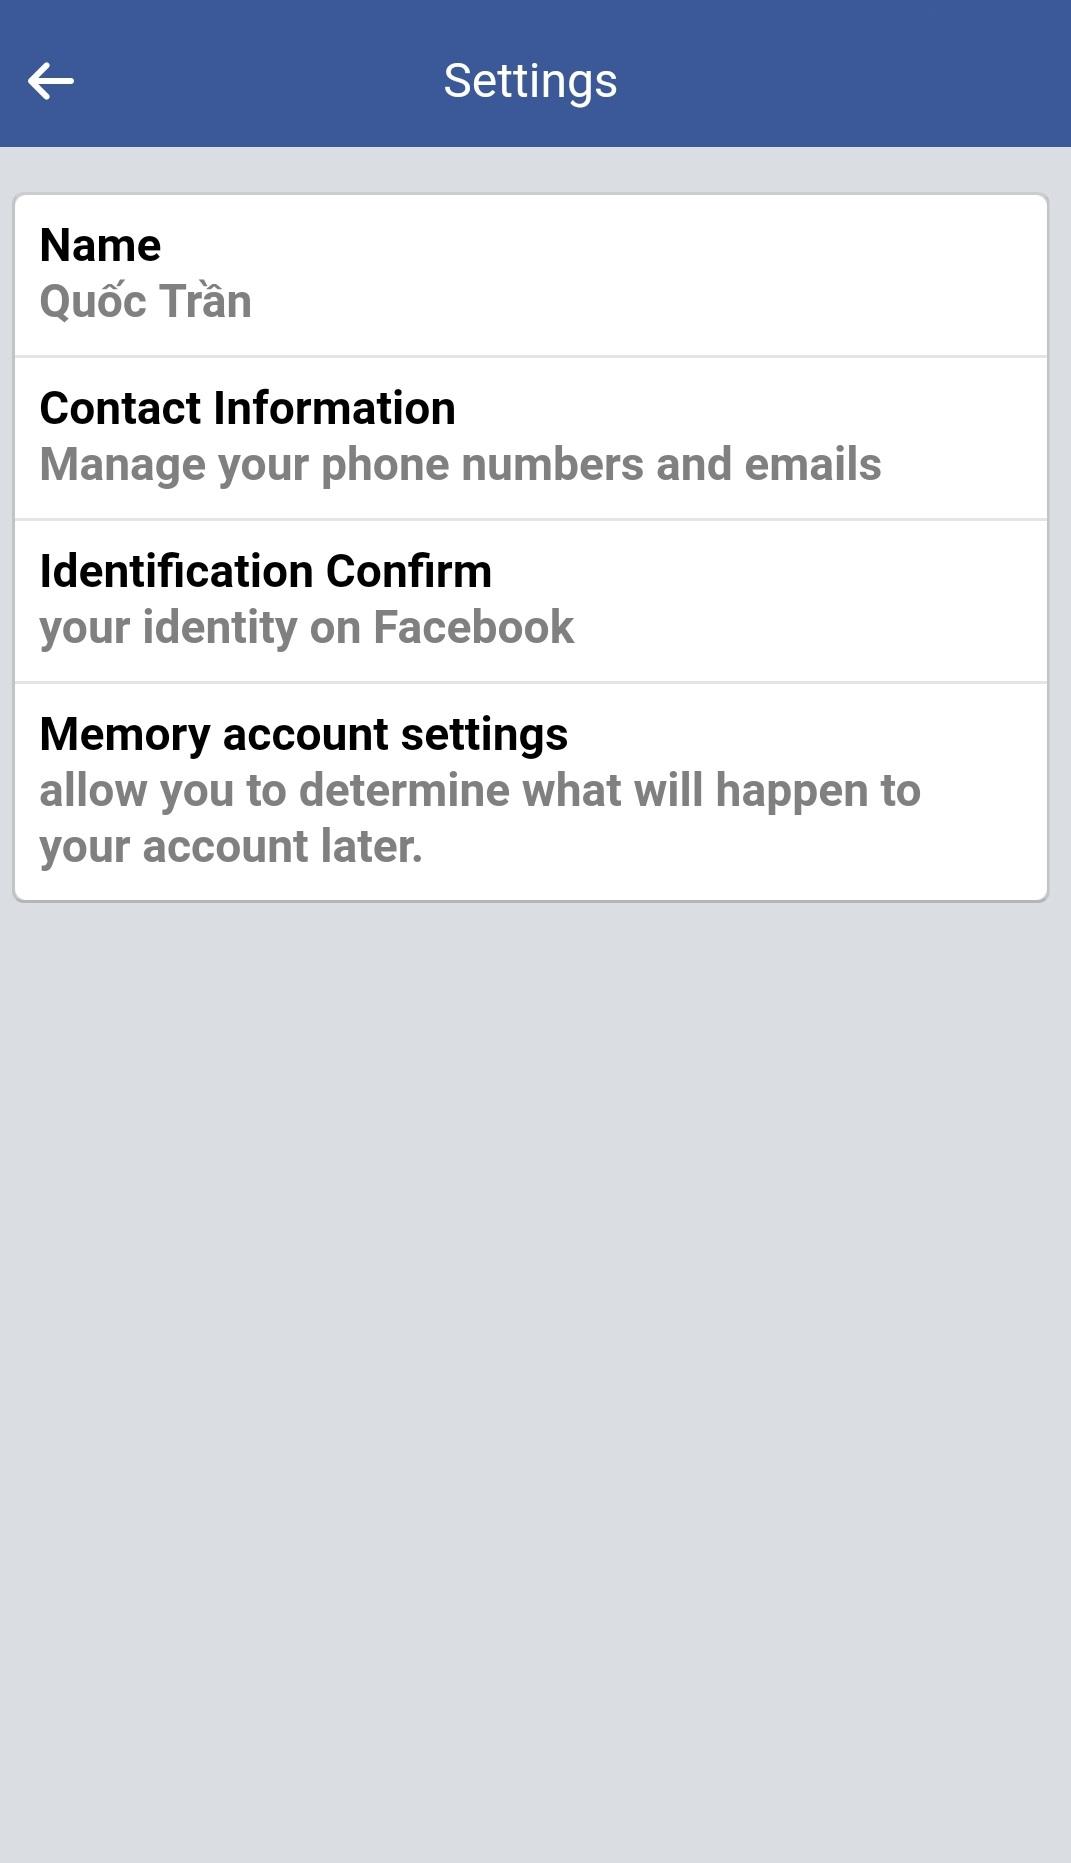 3 cách đổi tên Facebook thành 1 chữ đơn giản trong chớp mắt 19